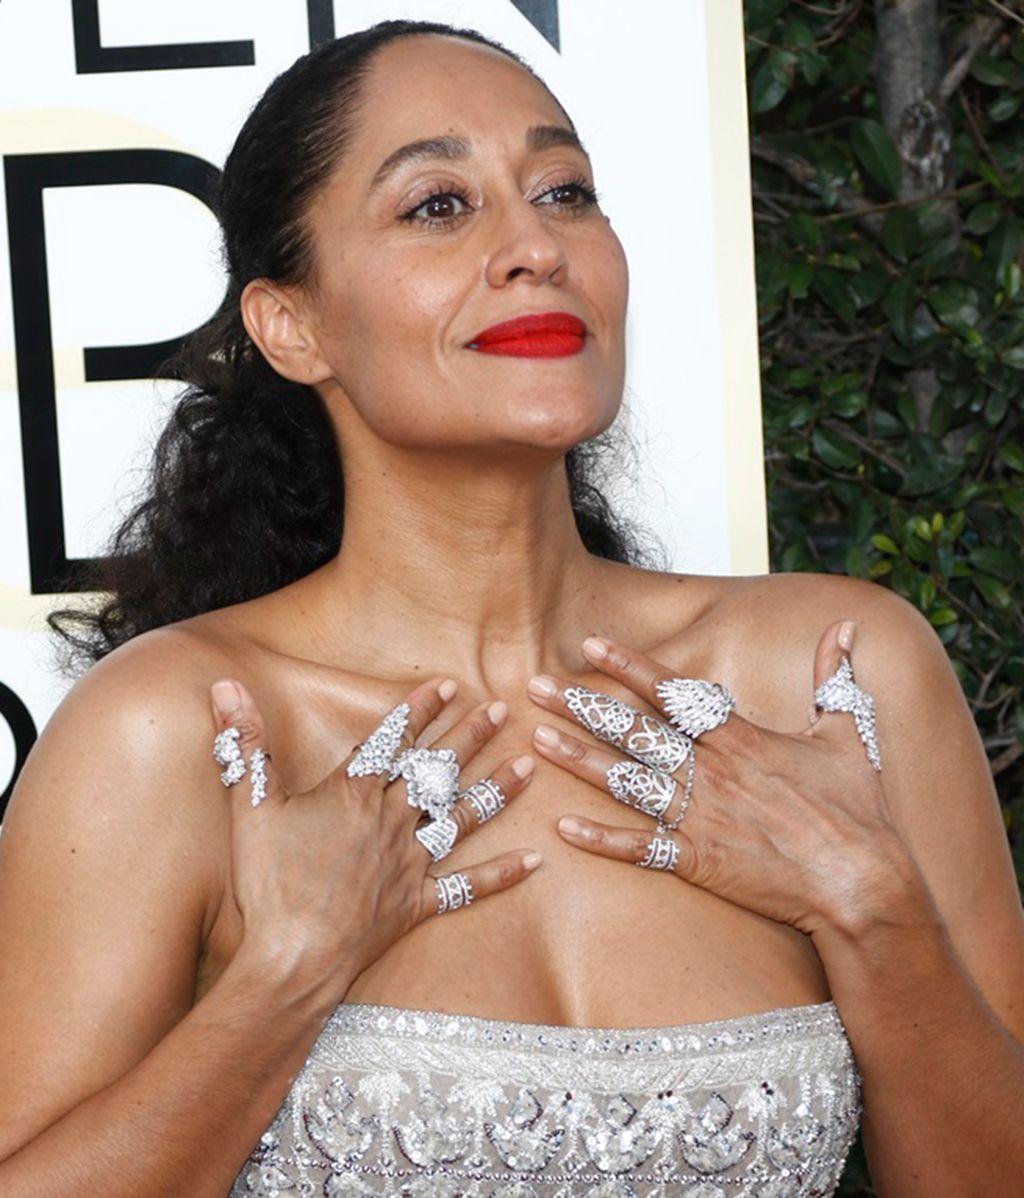 Con un vestido discreto,vuélvete loca con tus anillos: póntelos todos